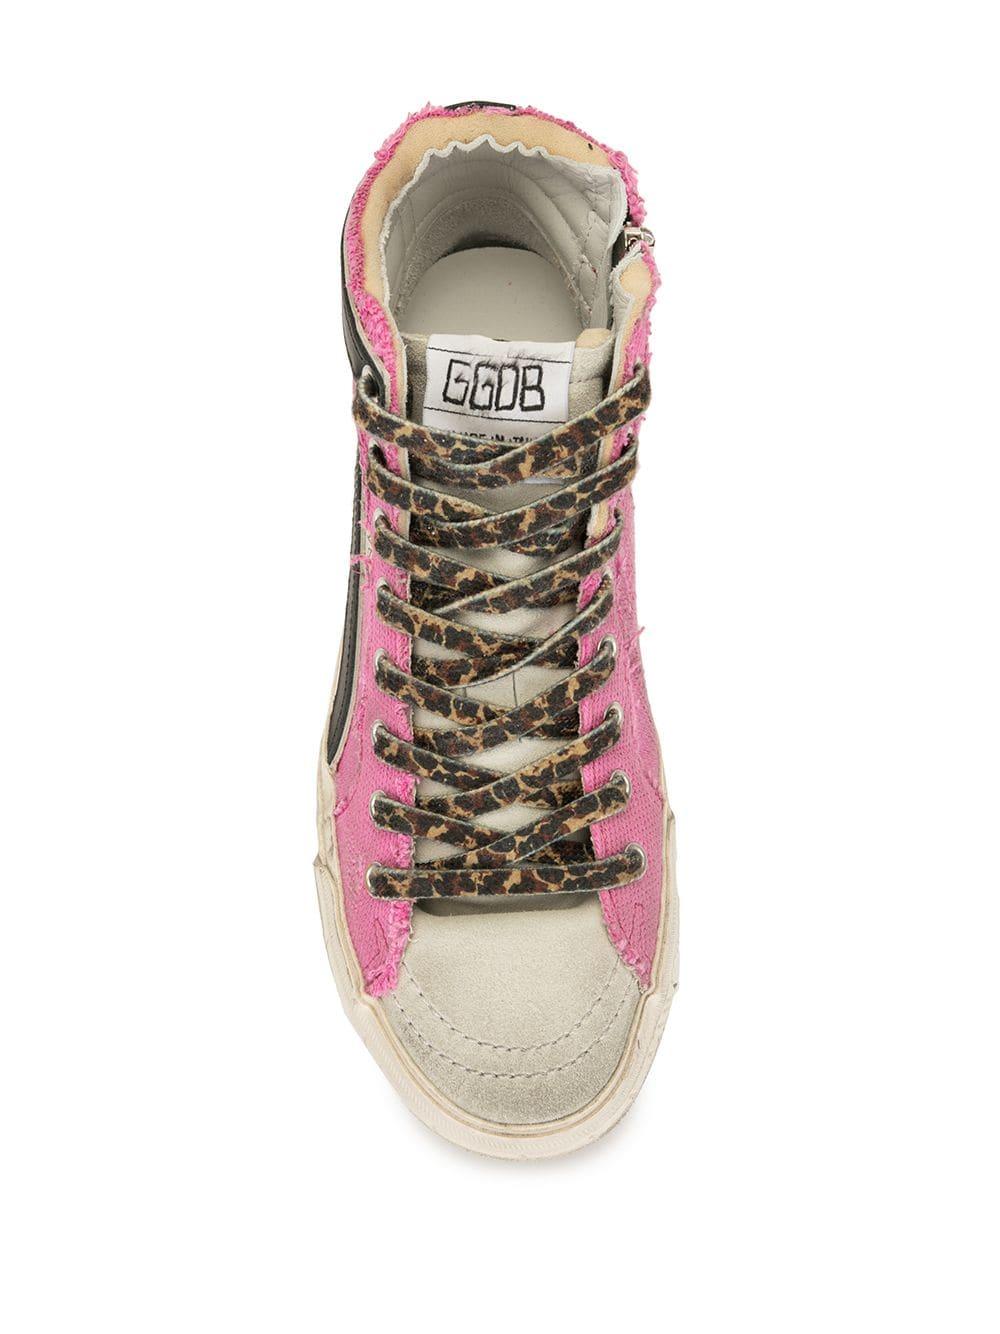 Picture of Golden Goose Deluxe Brand | Slide Slogan Print High-Top Sneakers